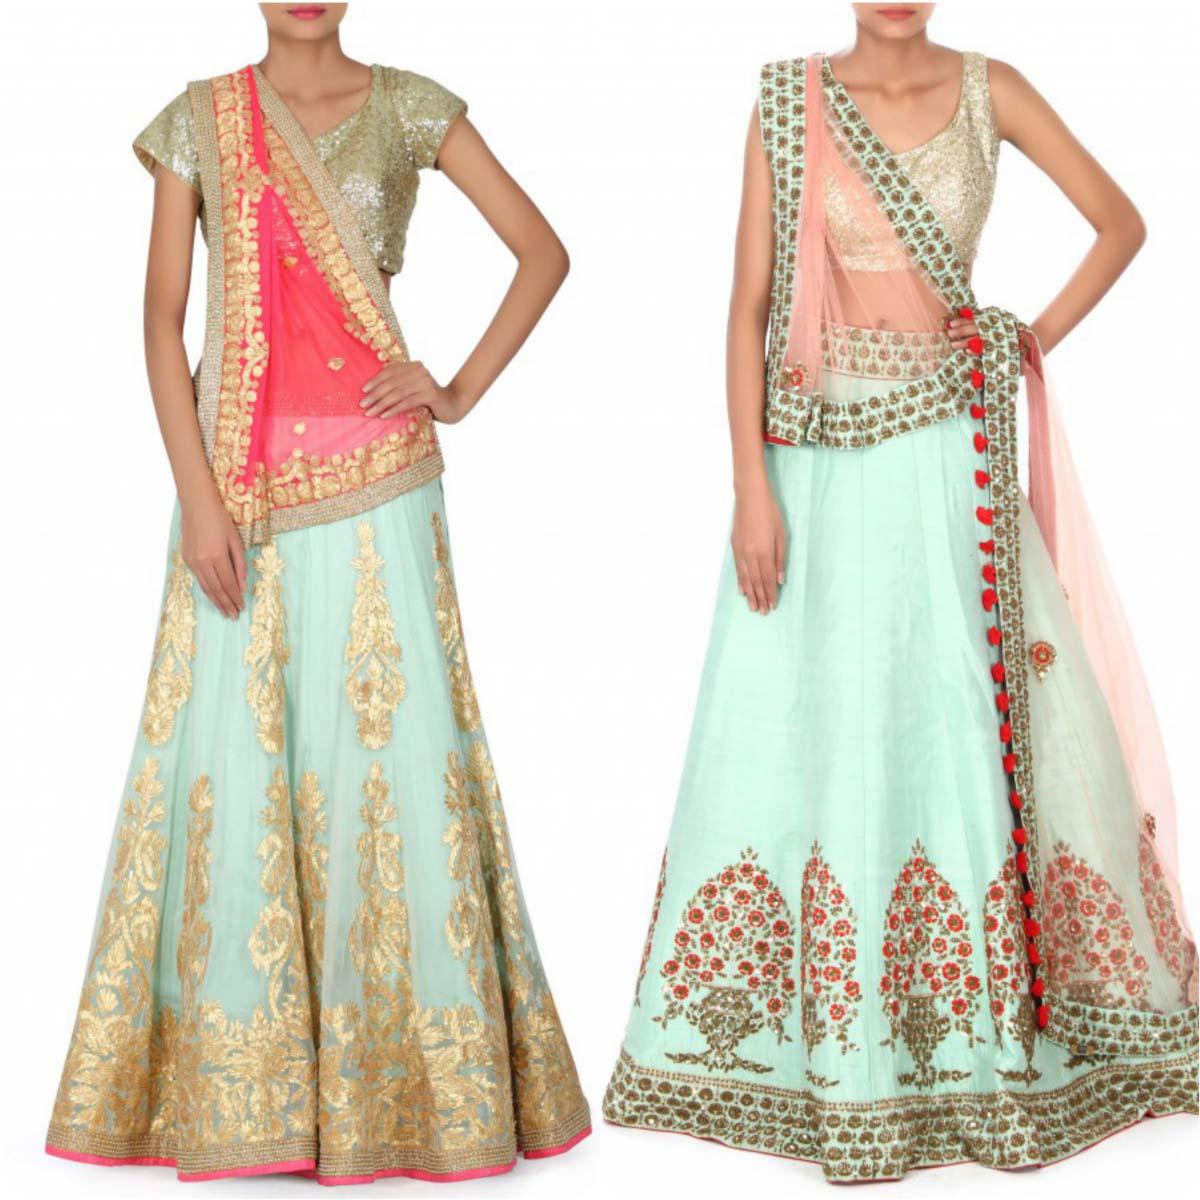 indian-bridal-mehndi-and-sangeet-lehenga-designs-2017-2018-by-kalki-fashion-8